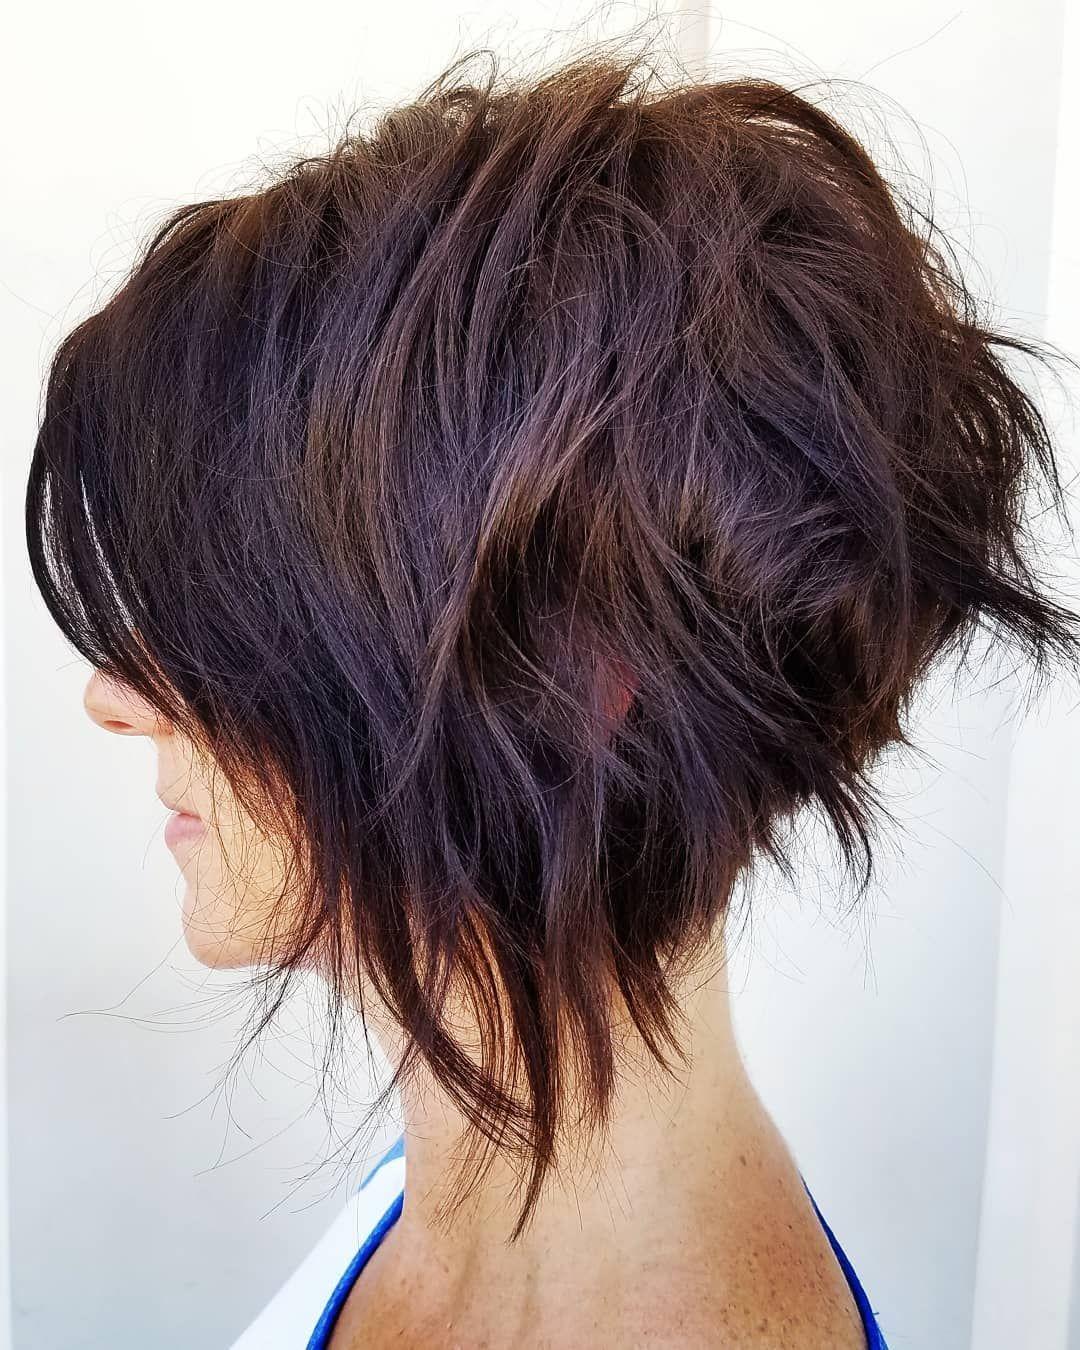 8 trendige chaotisch Bob Frisuren, weibliche Frisur für kurze